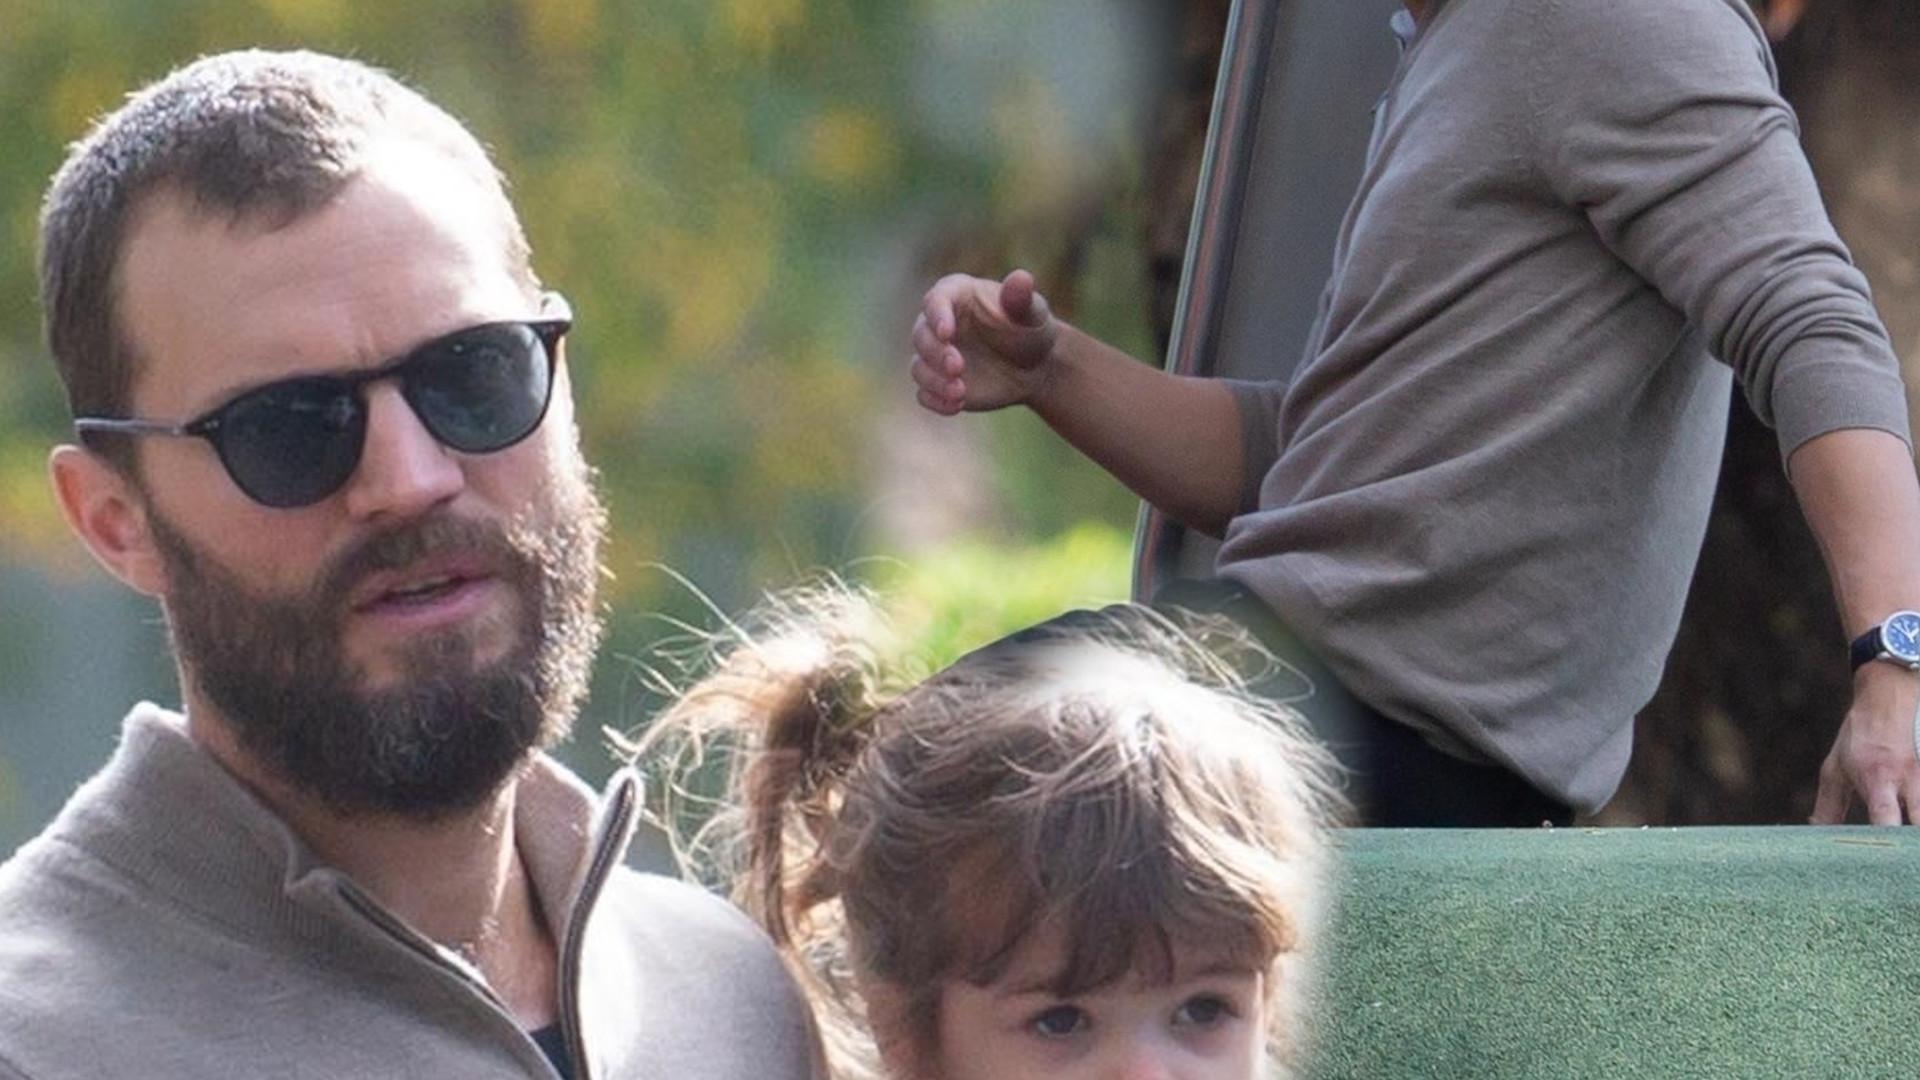 Jamie Dornan bawi się z dziećmi na placu zabaw (ZDJĘCIA)